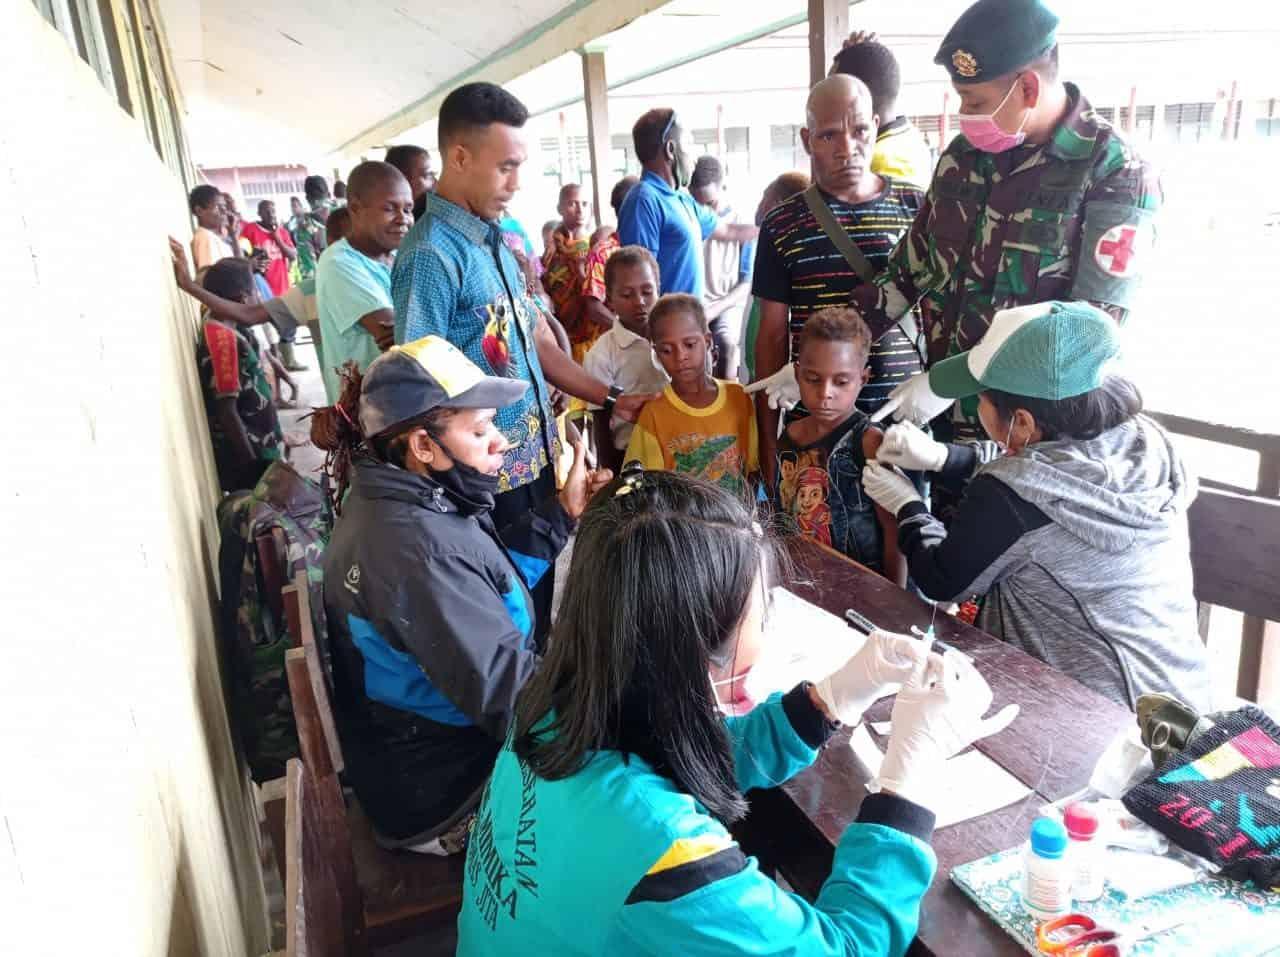 Jelang Purna Tugas, Satgas 754 Bersama Puskesmas Jita Gelar Pengobatan Keliling di Sumapro